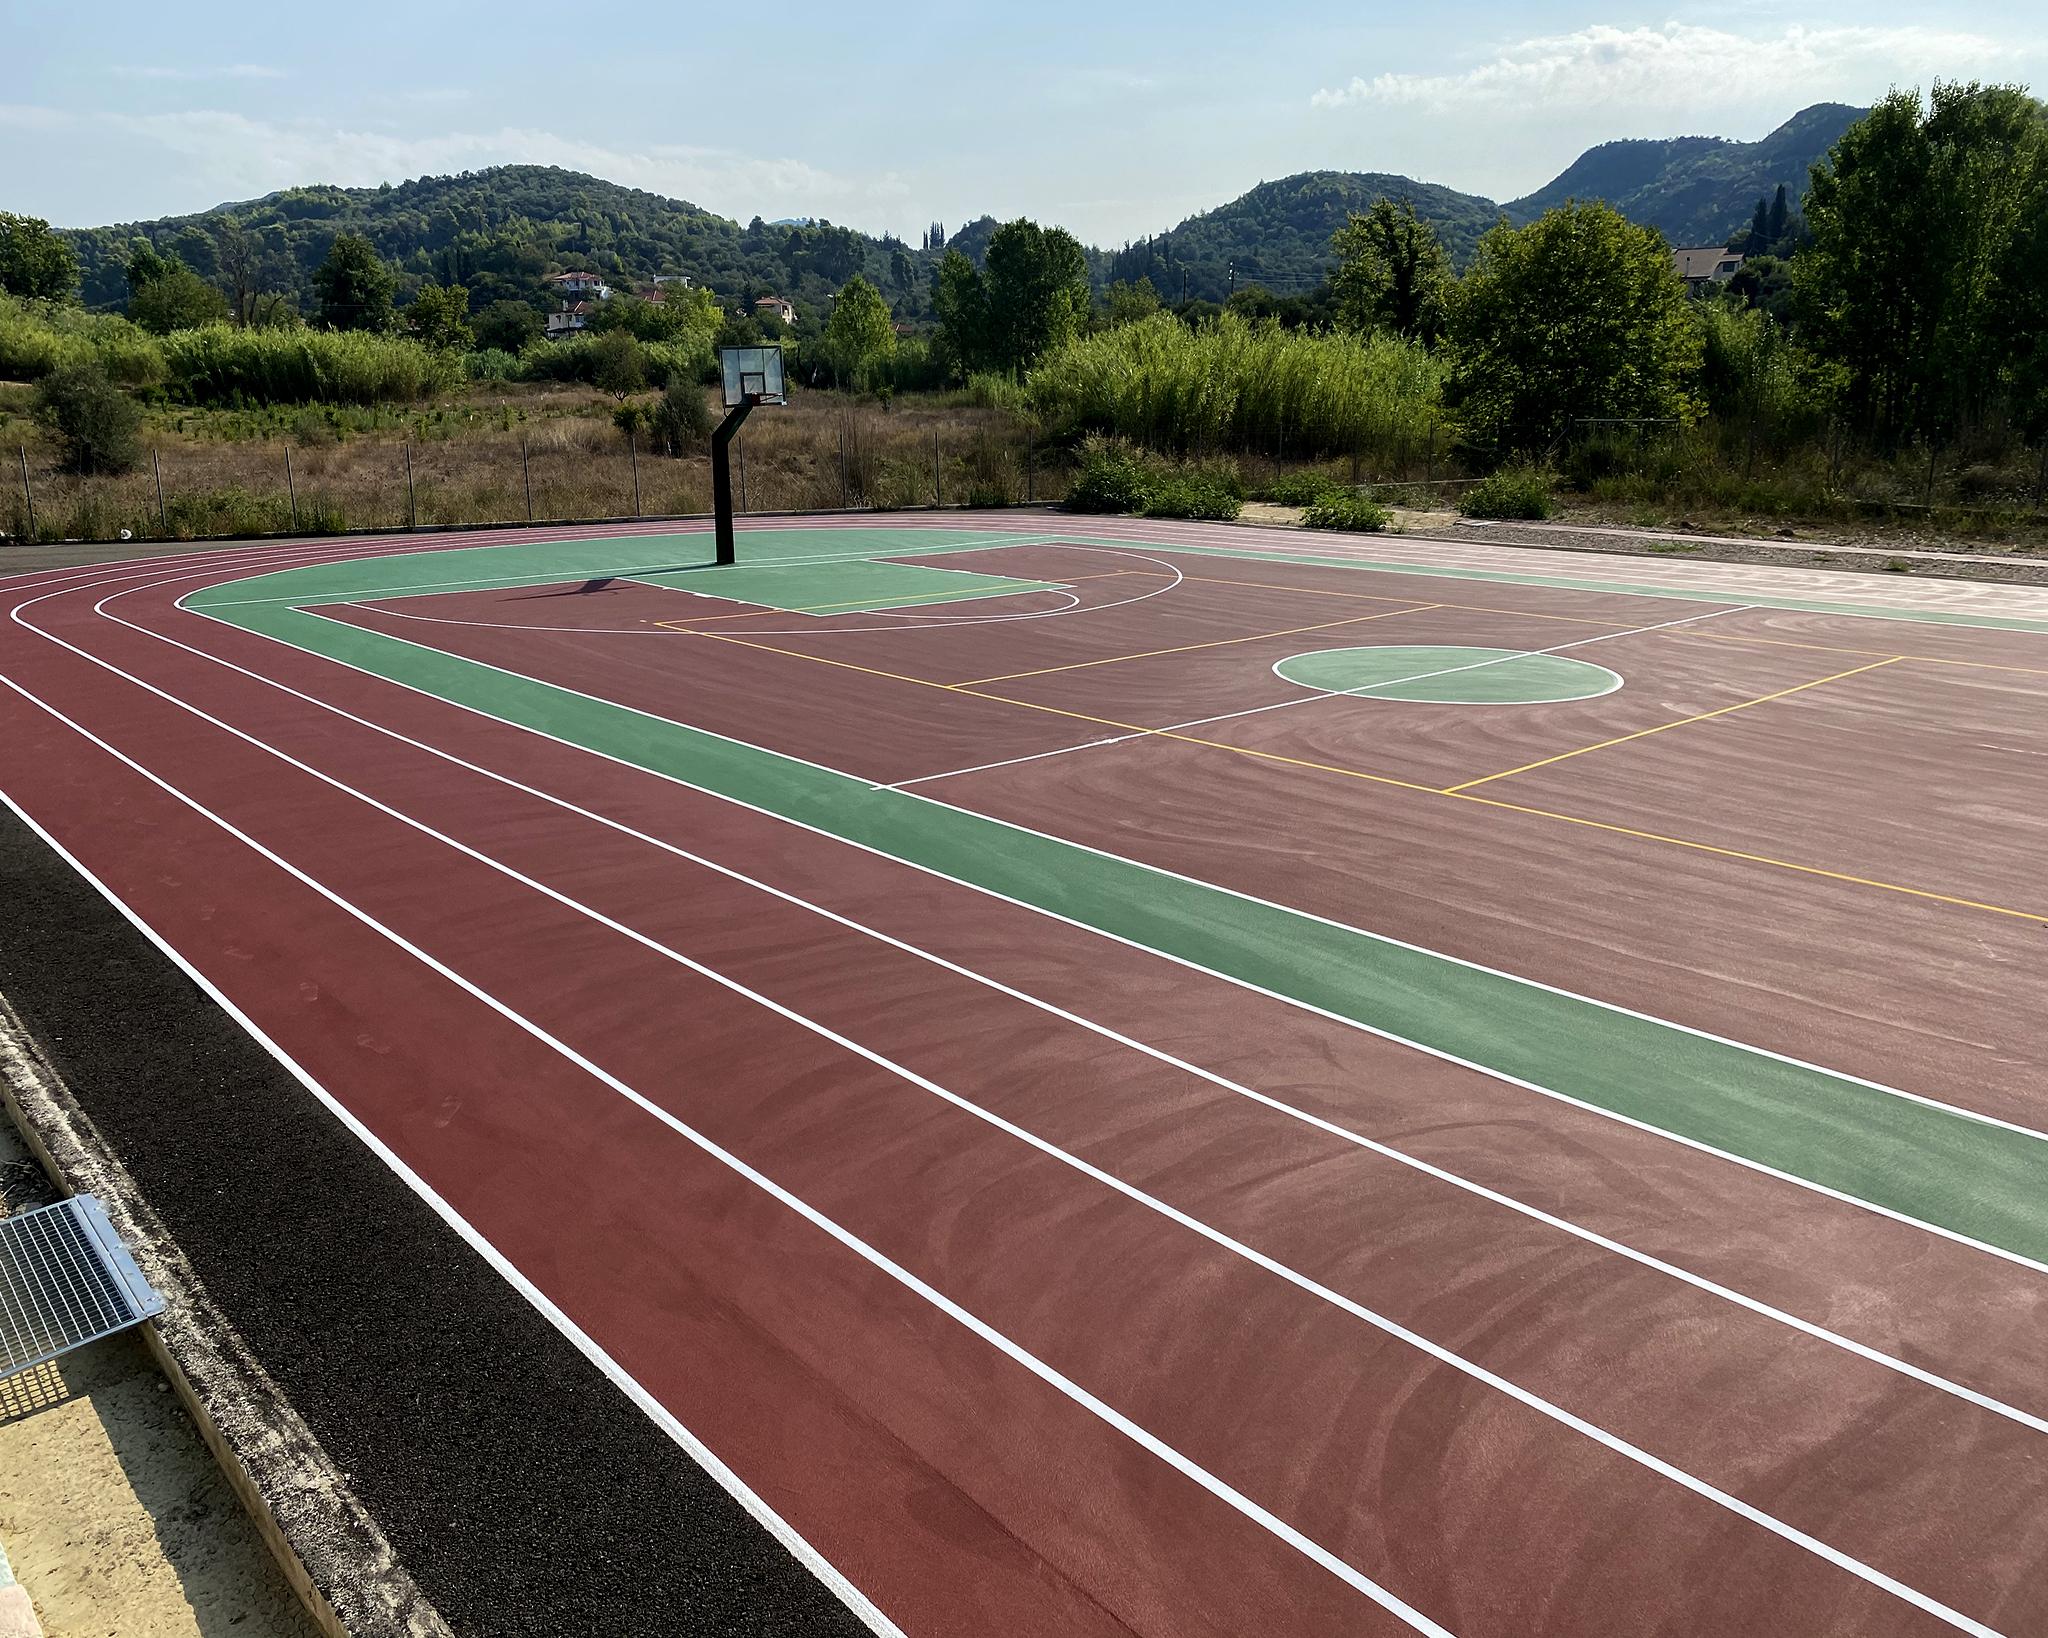 Αθλητικό δάπεδο και αθλητικός εξοπλισμός σε Δημοτικό Σχολείο του Δήμου Αρχαίας Ολυμπίας